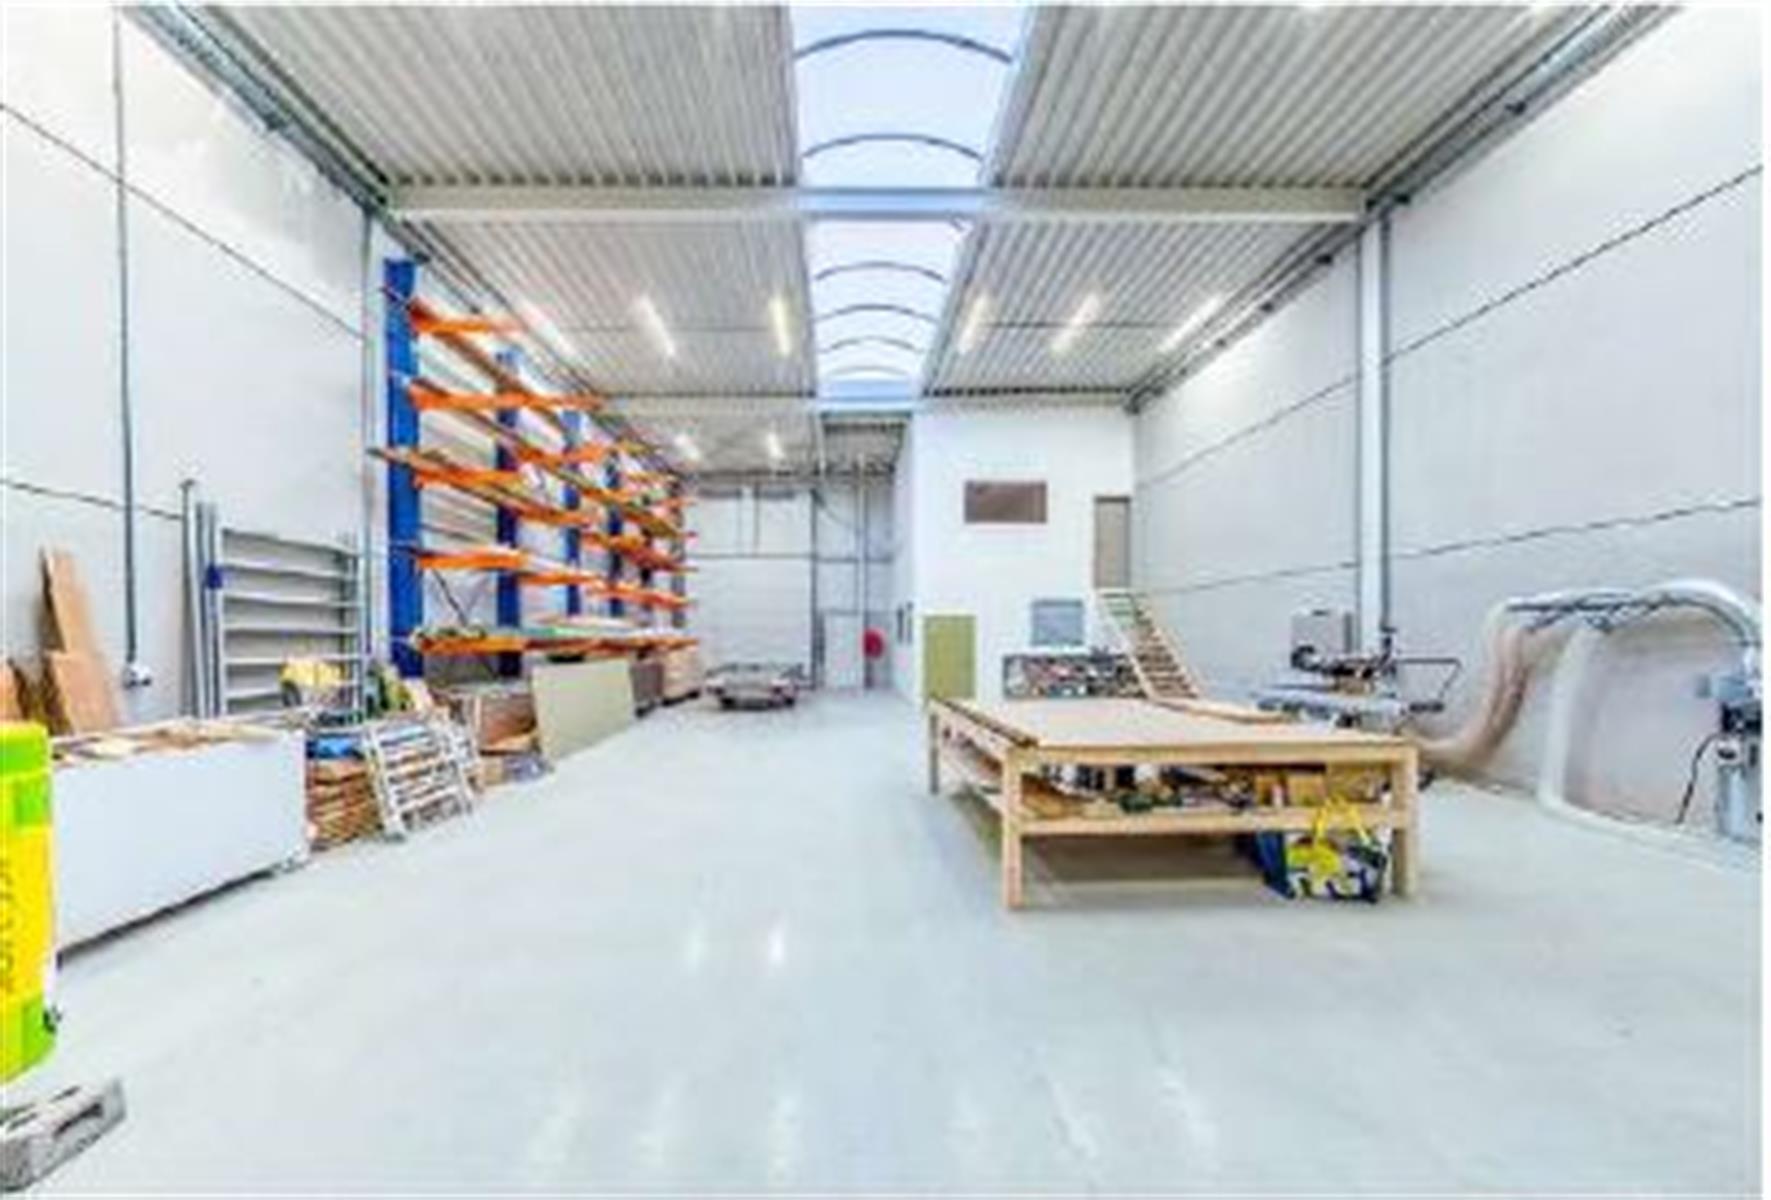 KMO-unit te koop UNIT 6.1.3 - Bollaarstraat 6, 2500 Lier, België 11